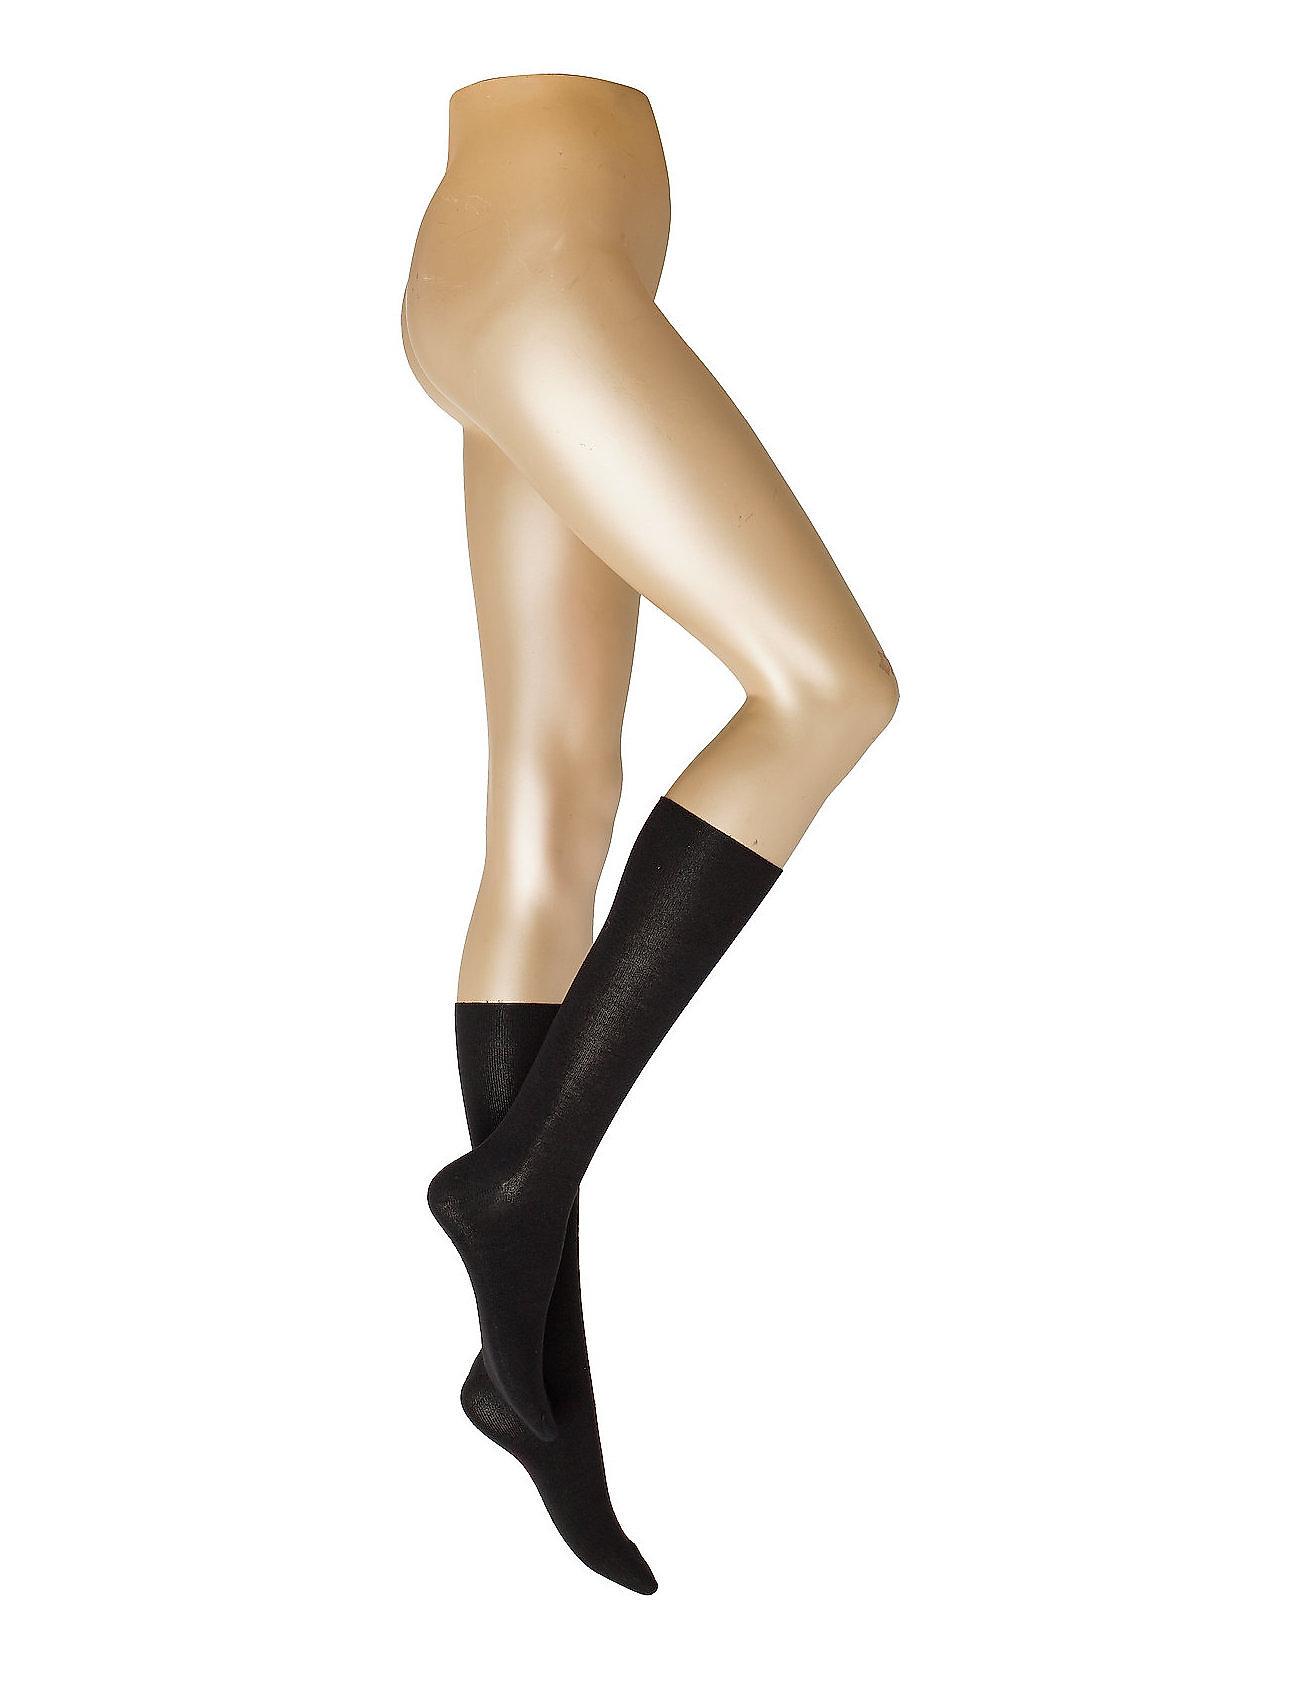 Image of Decoy Ankle Sock Bamboo Lingerie Socks Knee High Socks Sort Decoy (3271519007)